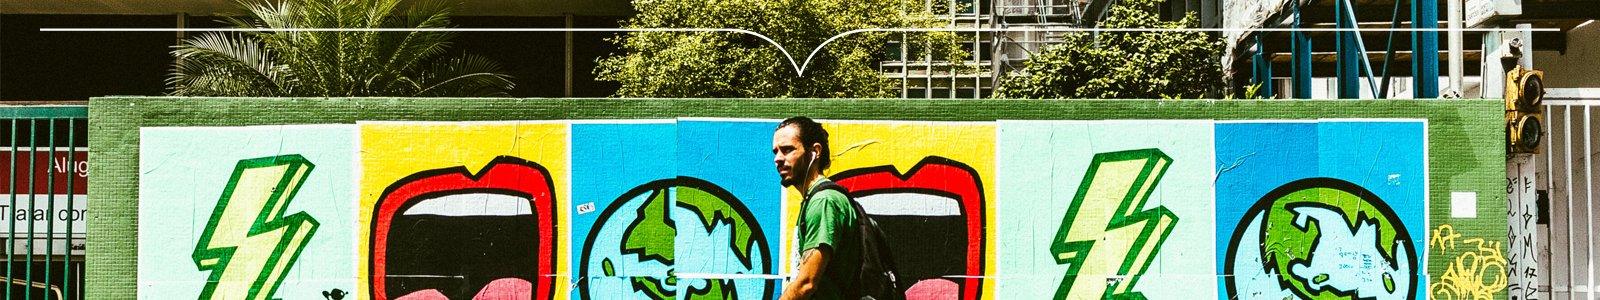 Man met oordopjes met snoertjes loopt langs muur met graffiti